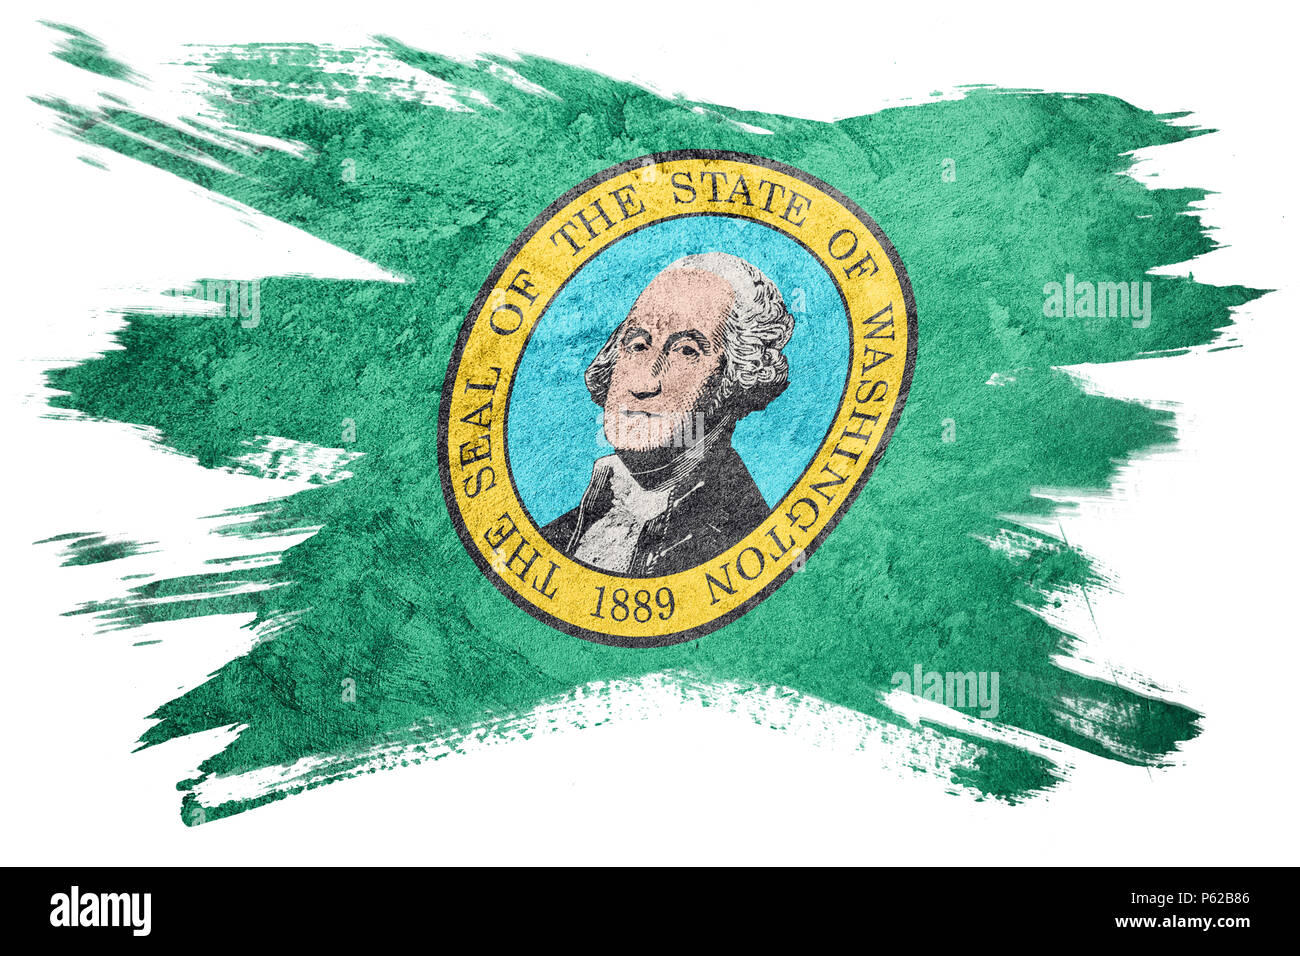 L'état de Washington Grunge flag. Drapeau Washington coup de pinceau. Banque D'Images